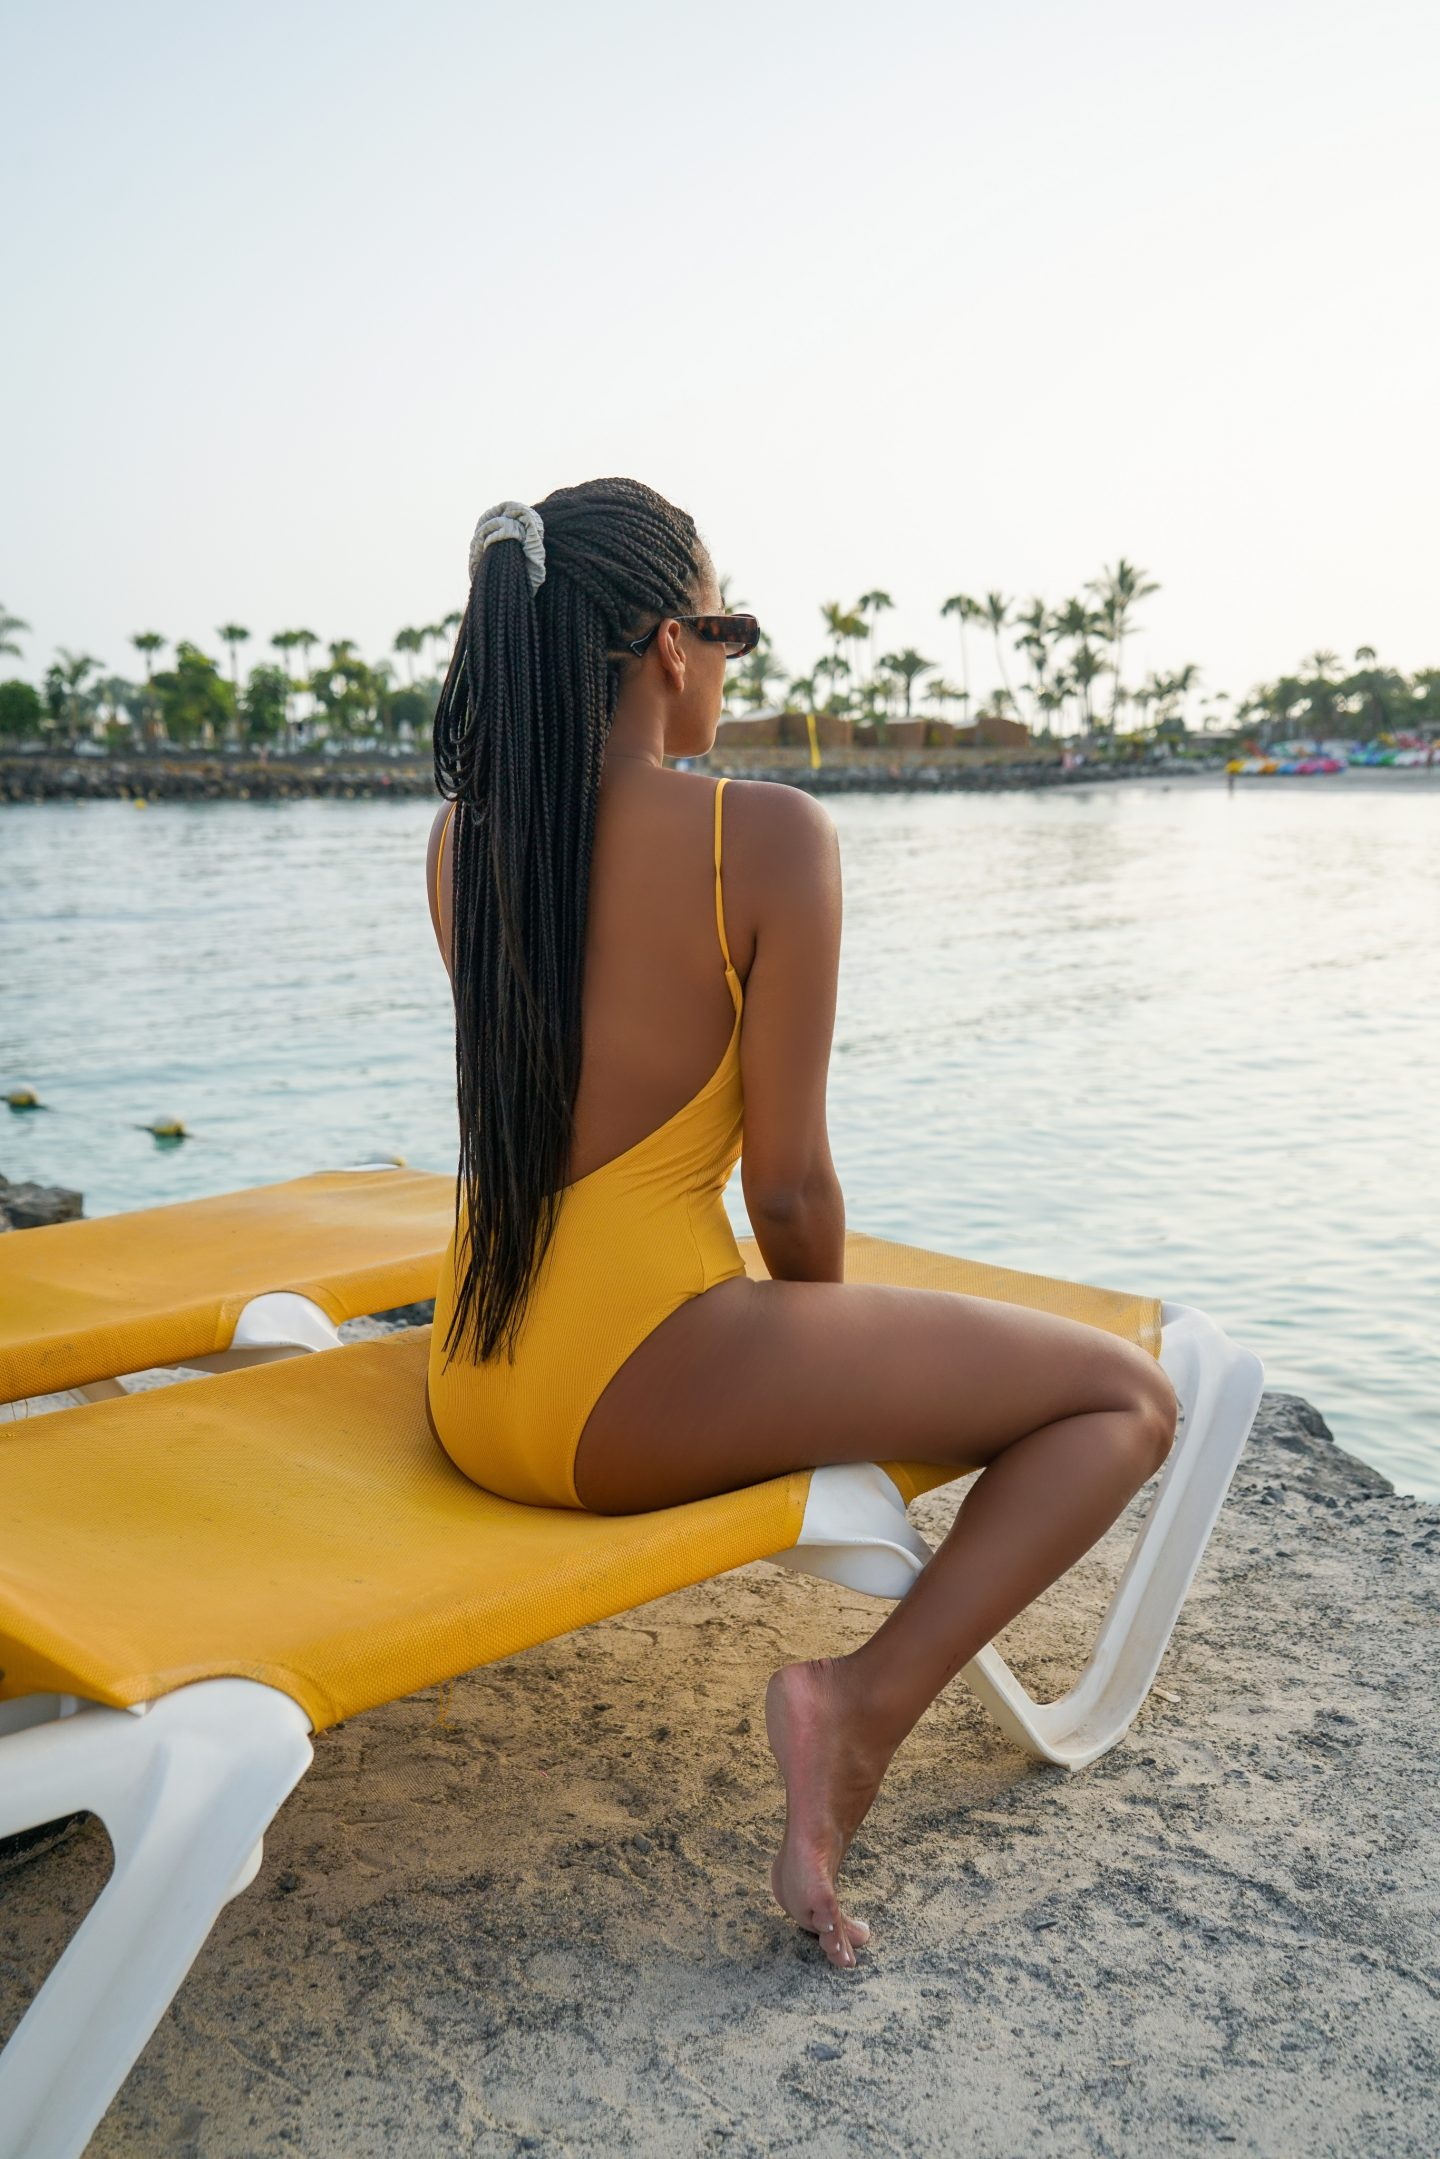 Wearing a Yellow Bikini swimsuit